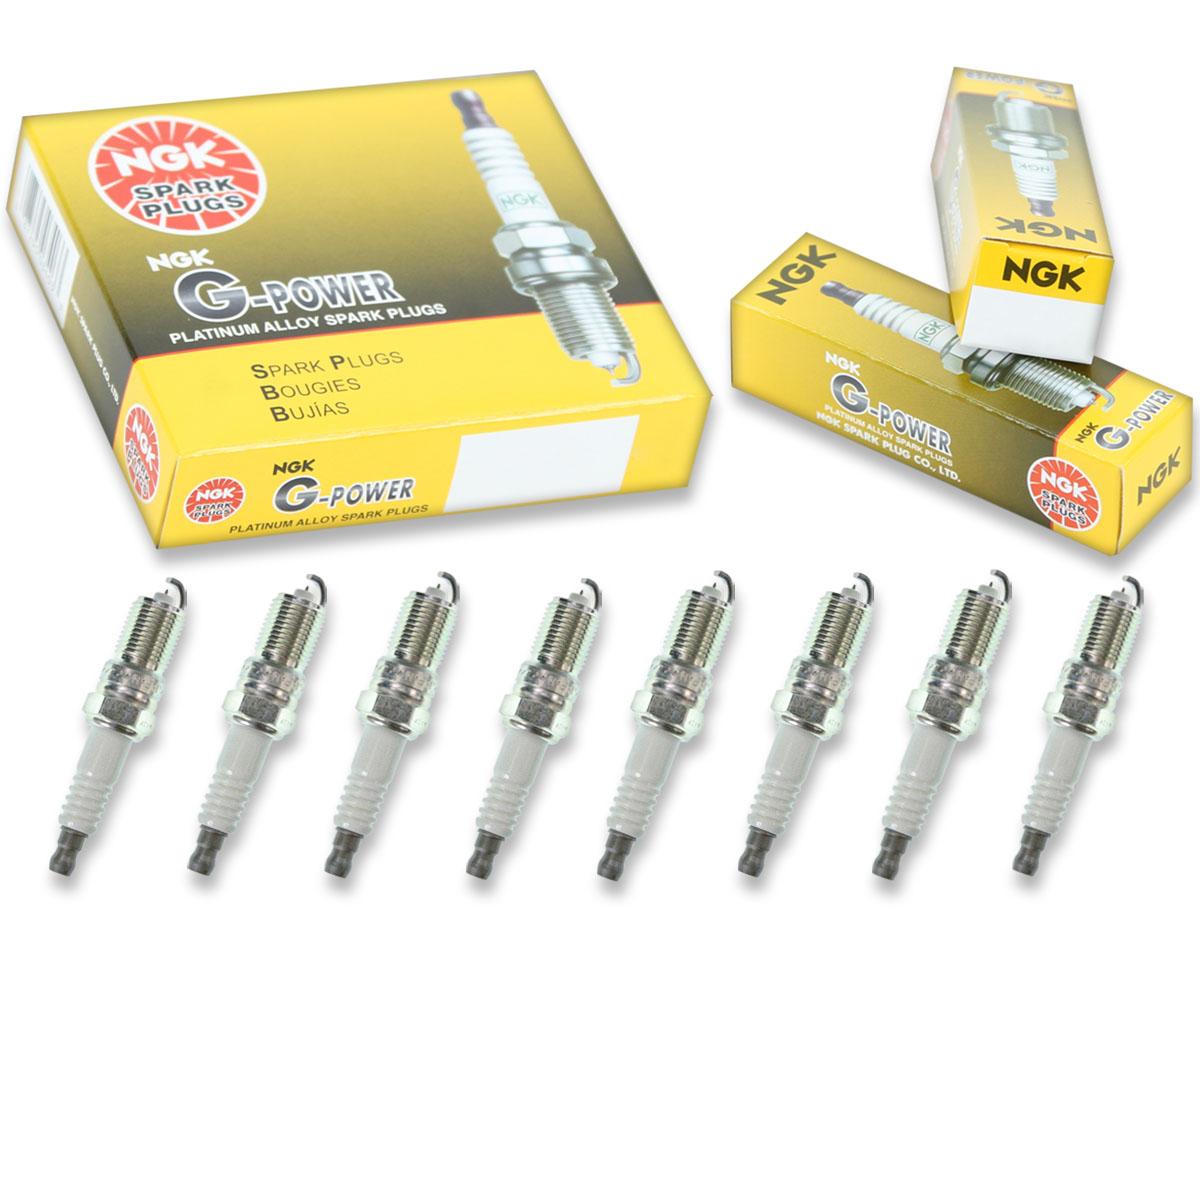 8 pcs NGK V-Power Spark Plugs for 1984-1986 Chevrolet K10 Suburban 5.7L 5.0L vf